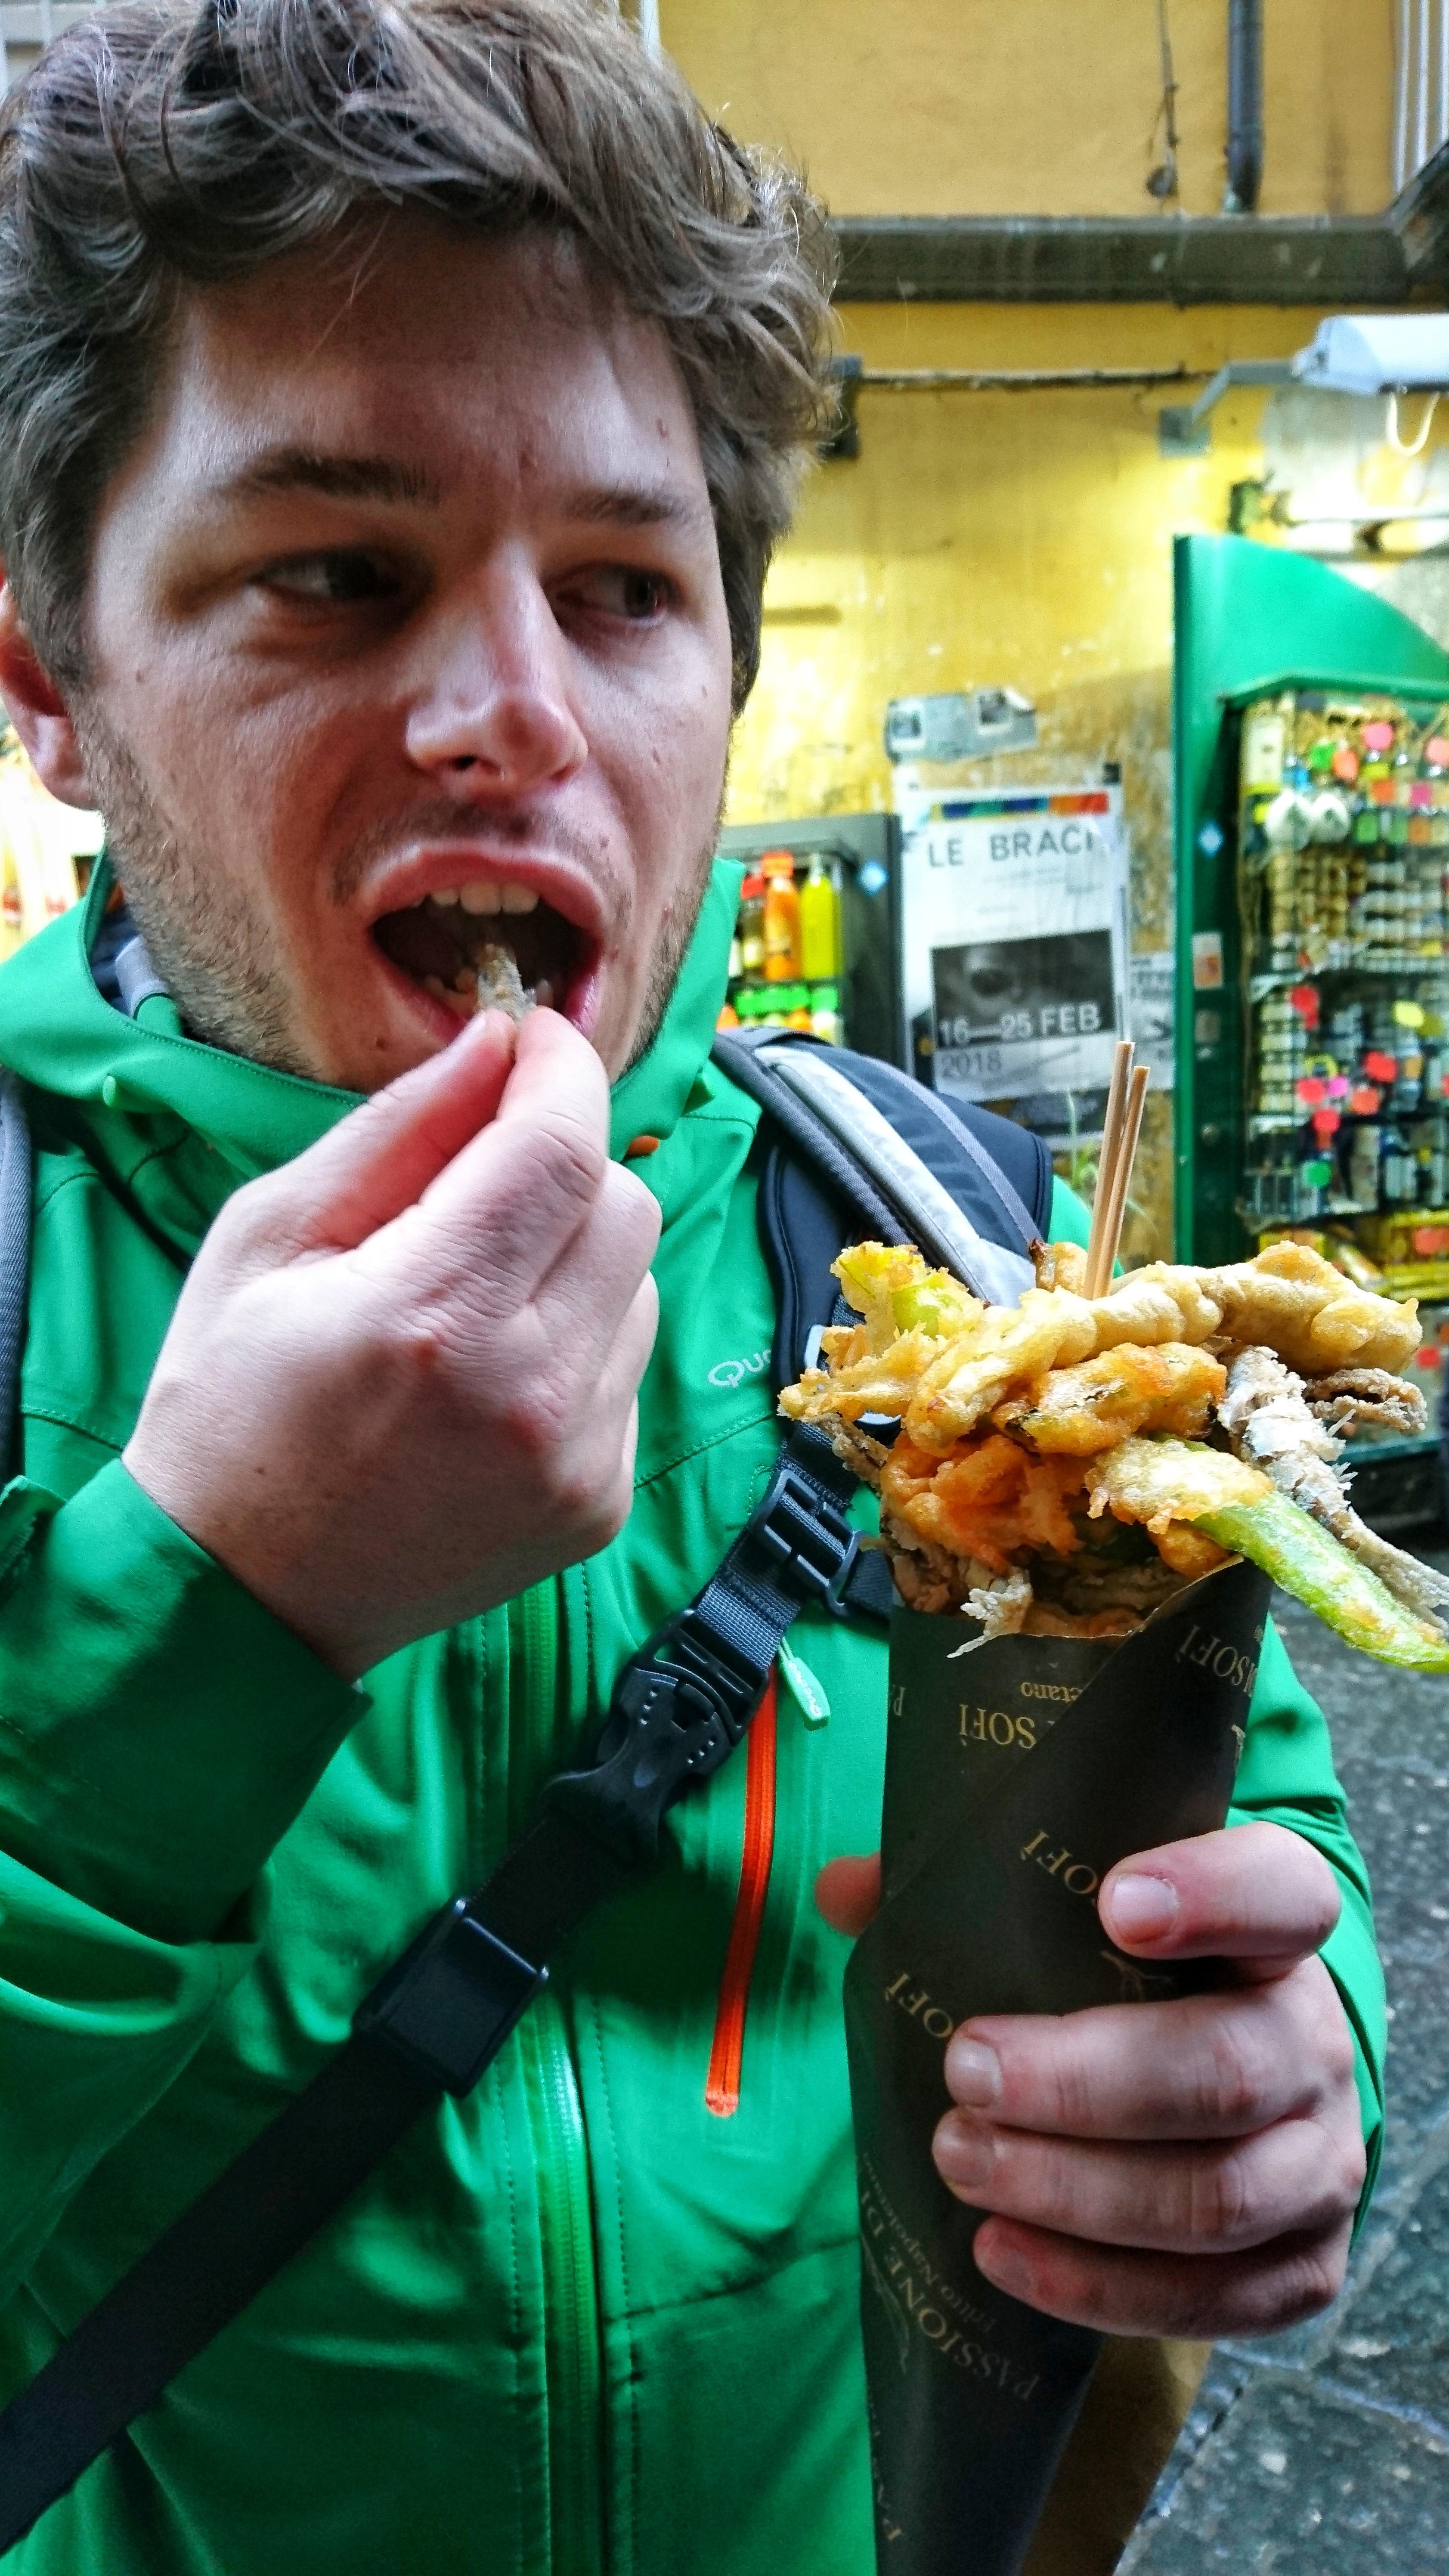 napoli cosa vedere in due giorni cosa mangiare dove andare cosa fare cuoppo (1)